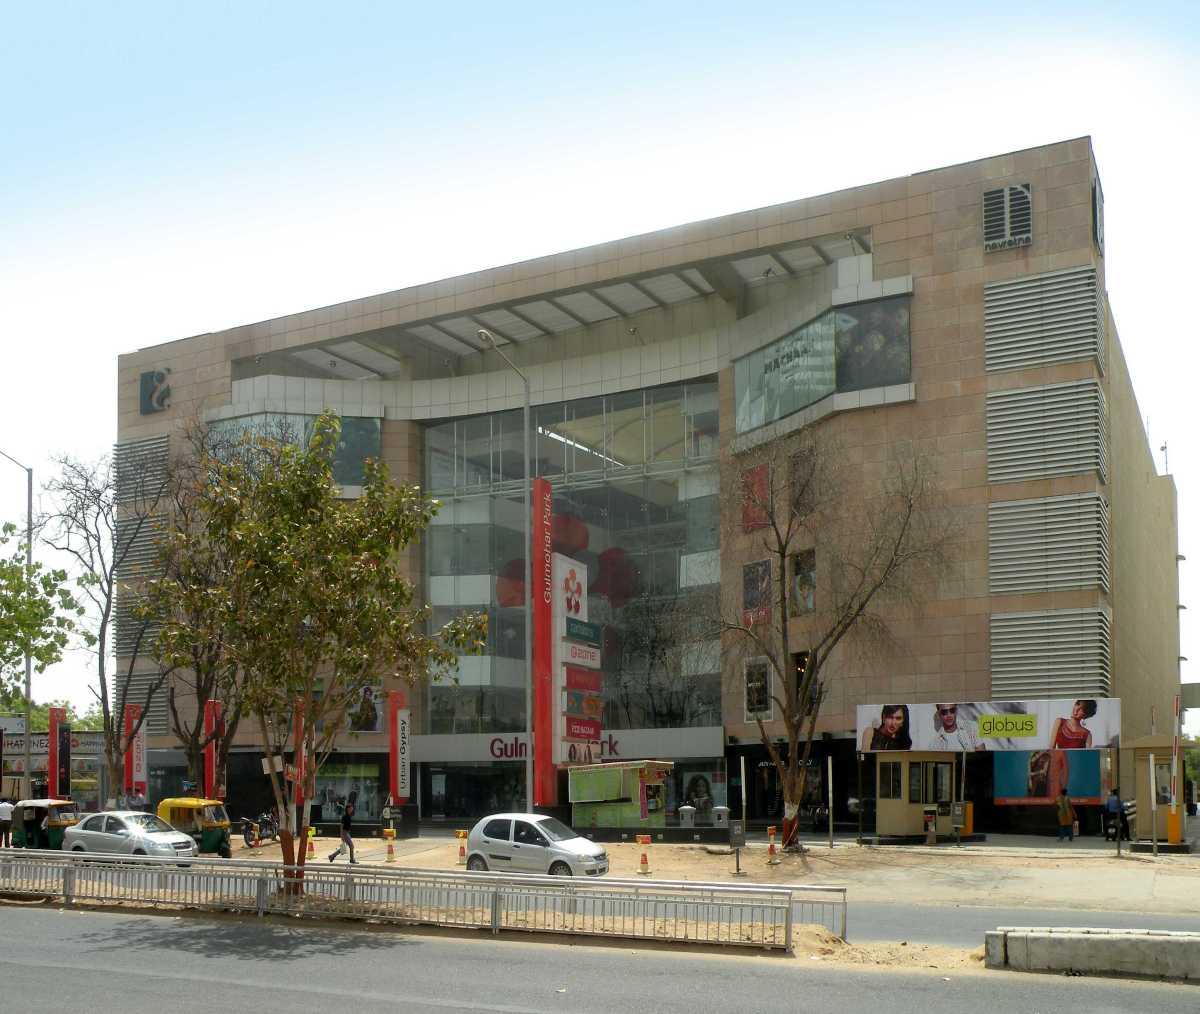 Gulmohar Park Mall, Malls in Ahmedabad